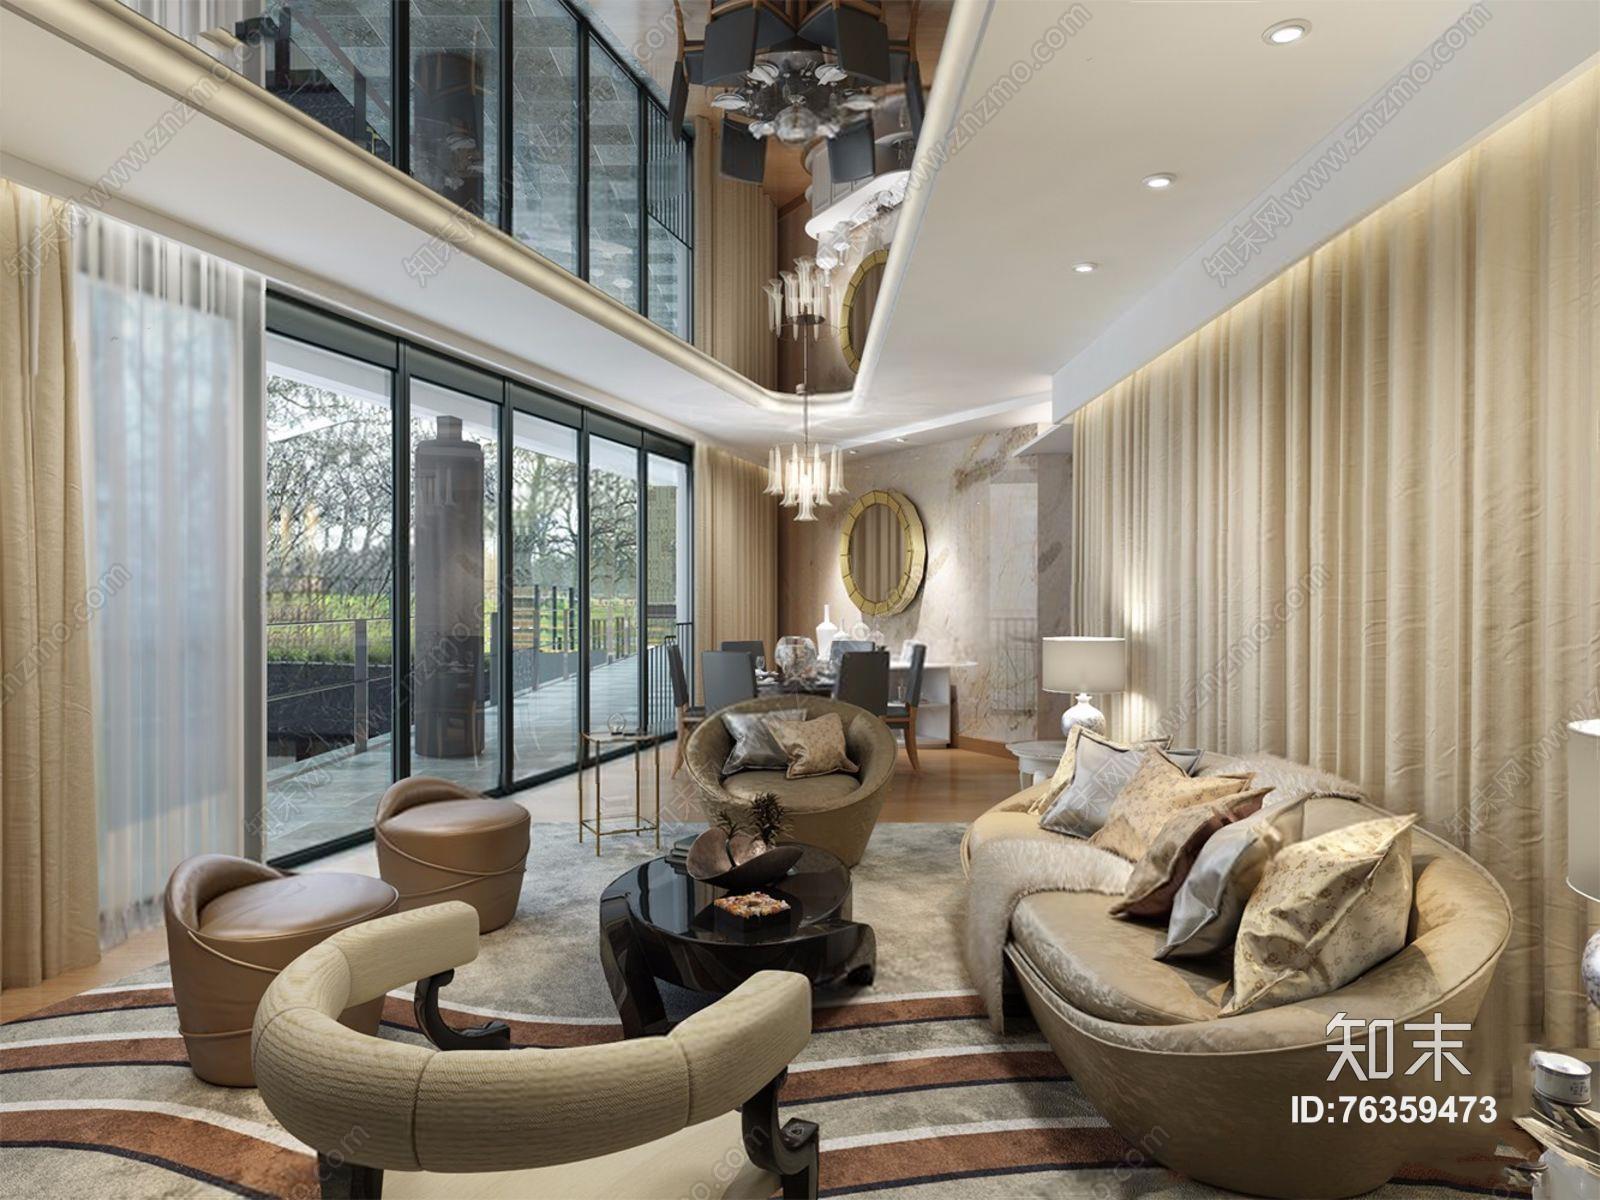 现代客餐厅 现代客厅 多人沙发 茶几 餐桌椅 吊灯 台灯 边几 休闲椅 窗帘 地毯